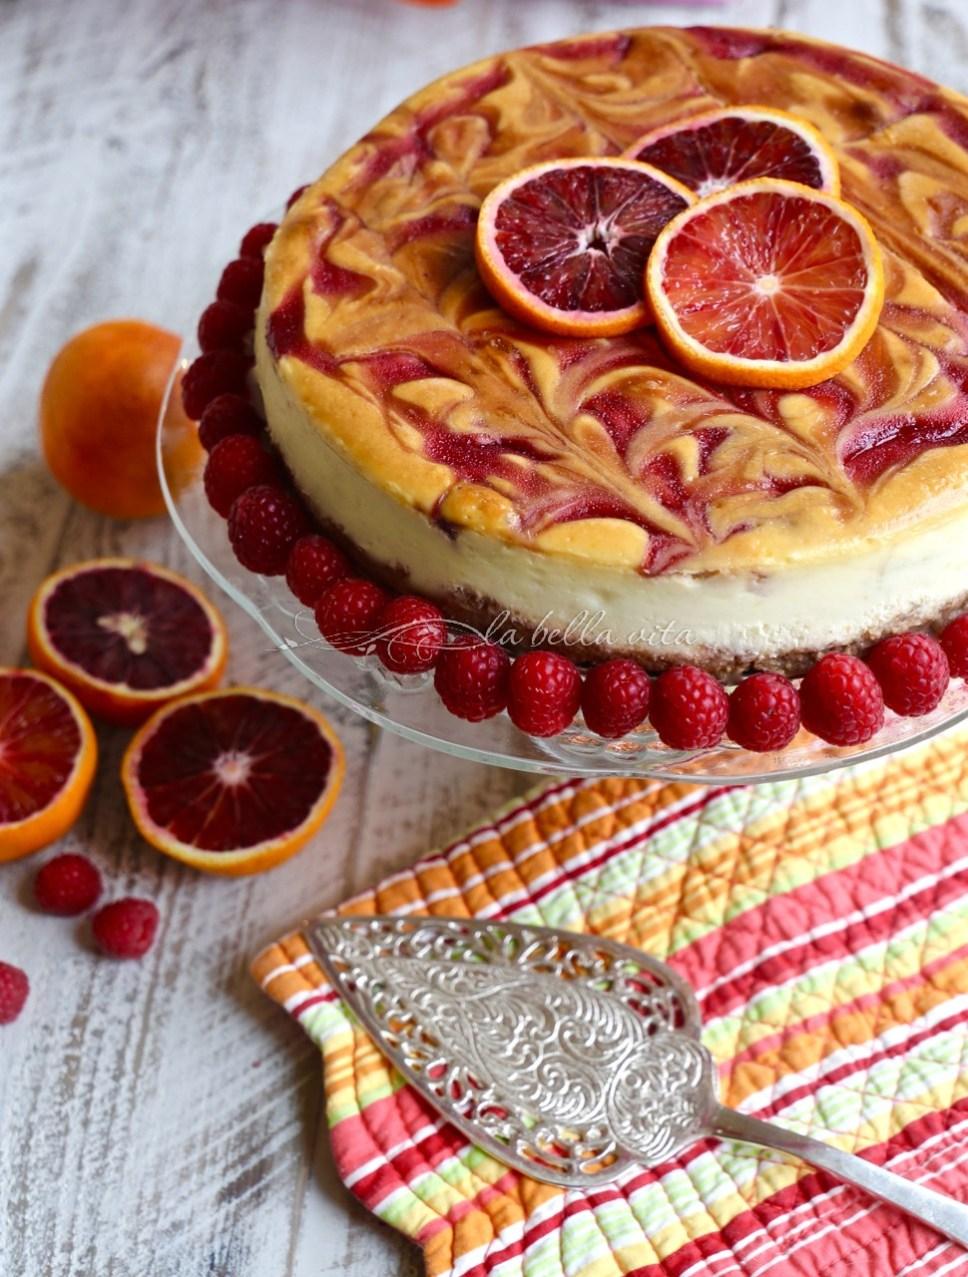 Blood Orange and Raspberry Swirl Cheesecake